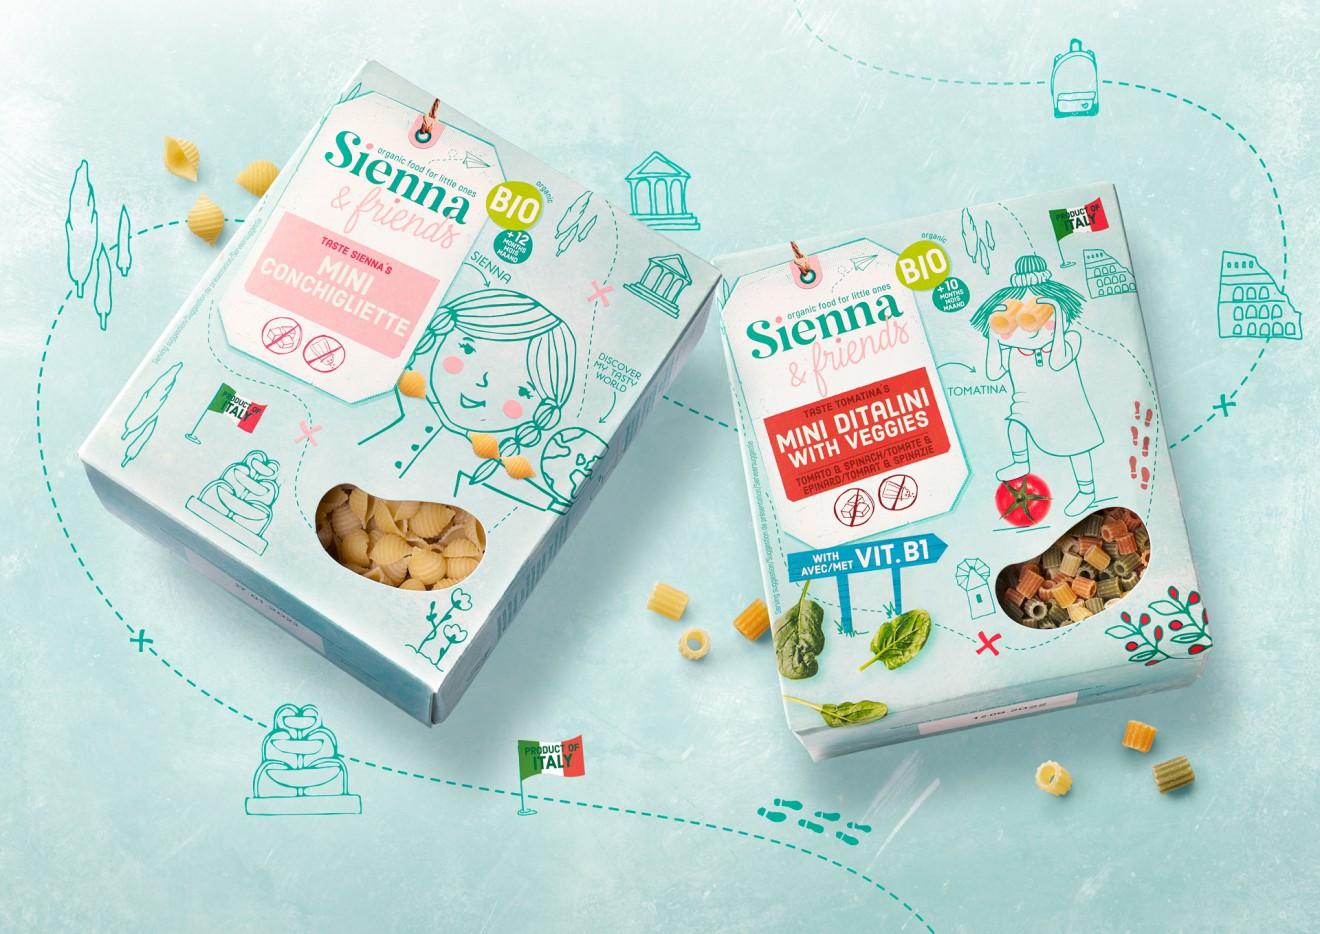 Quatre Mains package design - pasta, sienna, friends, aurélie d'hulst, travelling